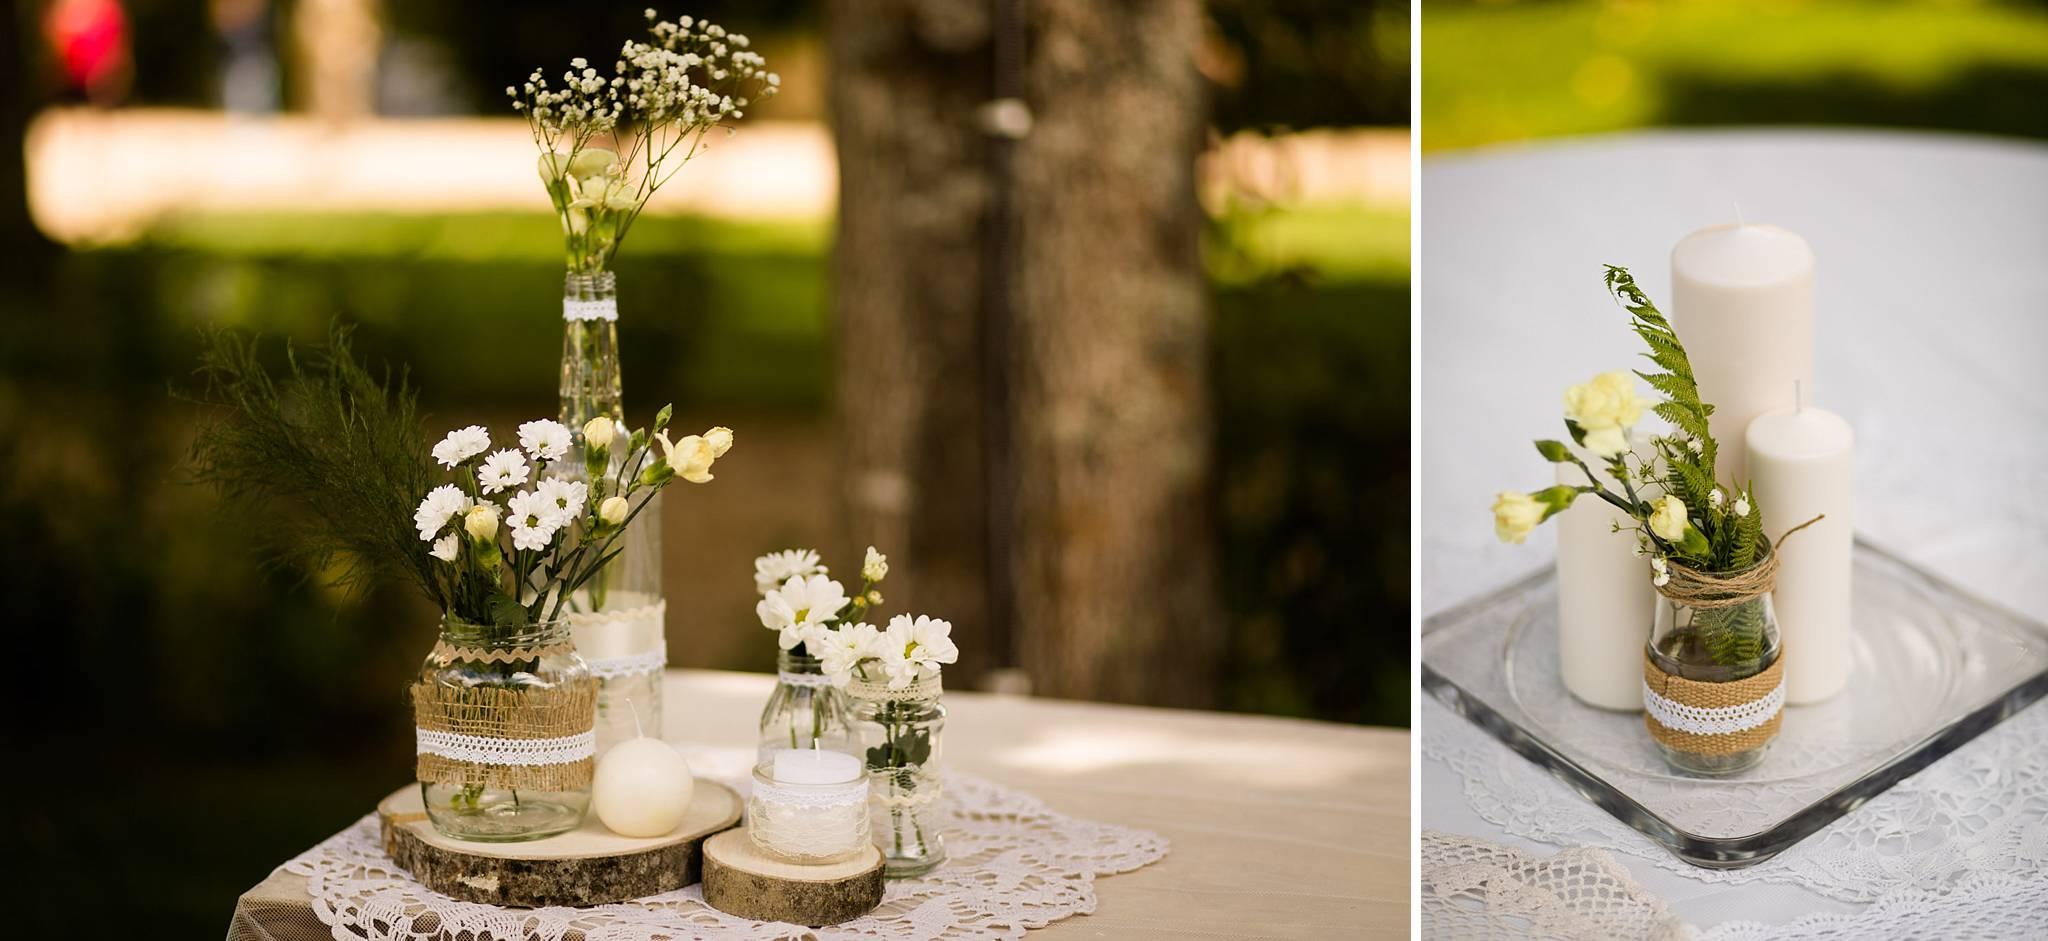 Les photos du mariage civil à Pomerol et laïque au Château Latour Ségur Suite & Spa de C+F.